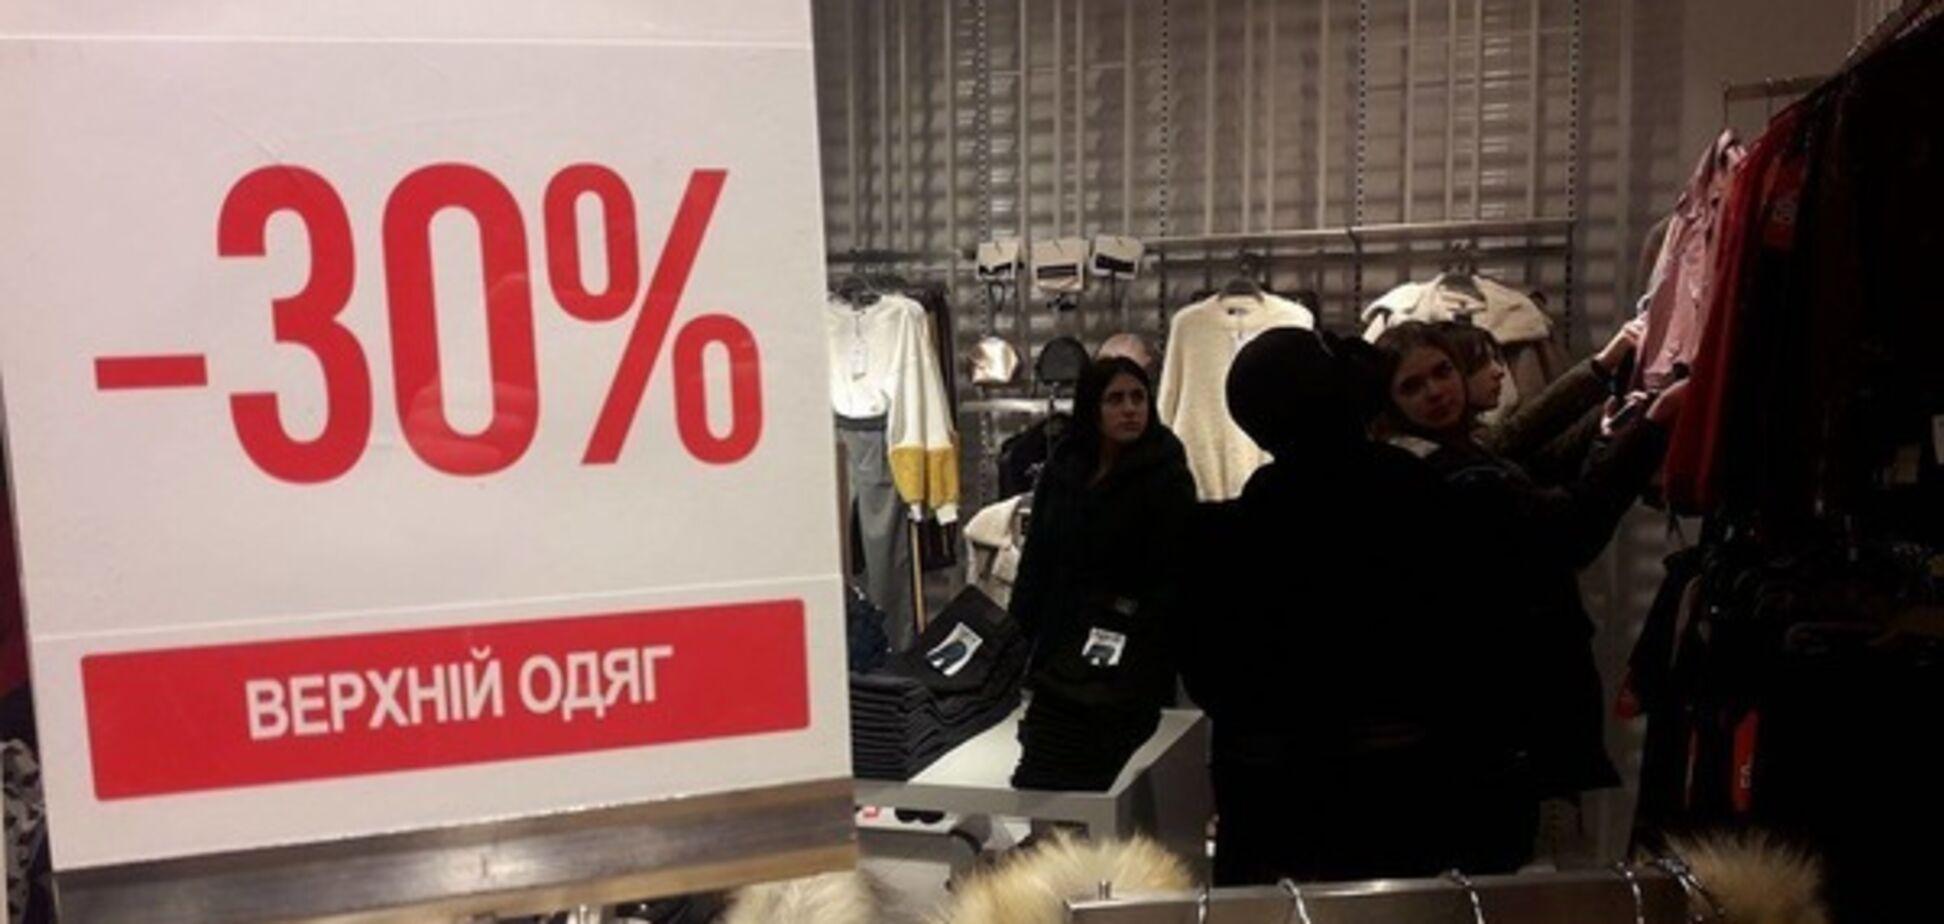 Черная пятница-2017: в Черкассах люди ринулись в магазины